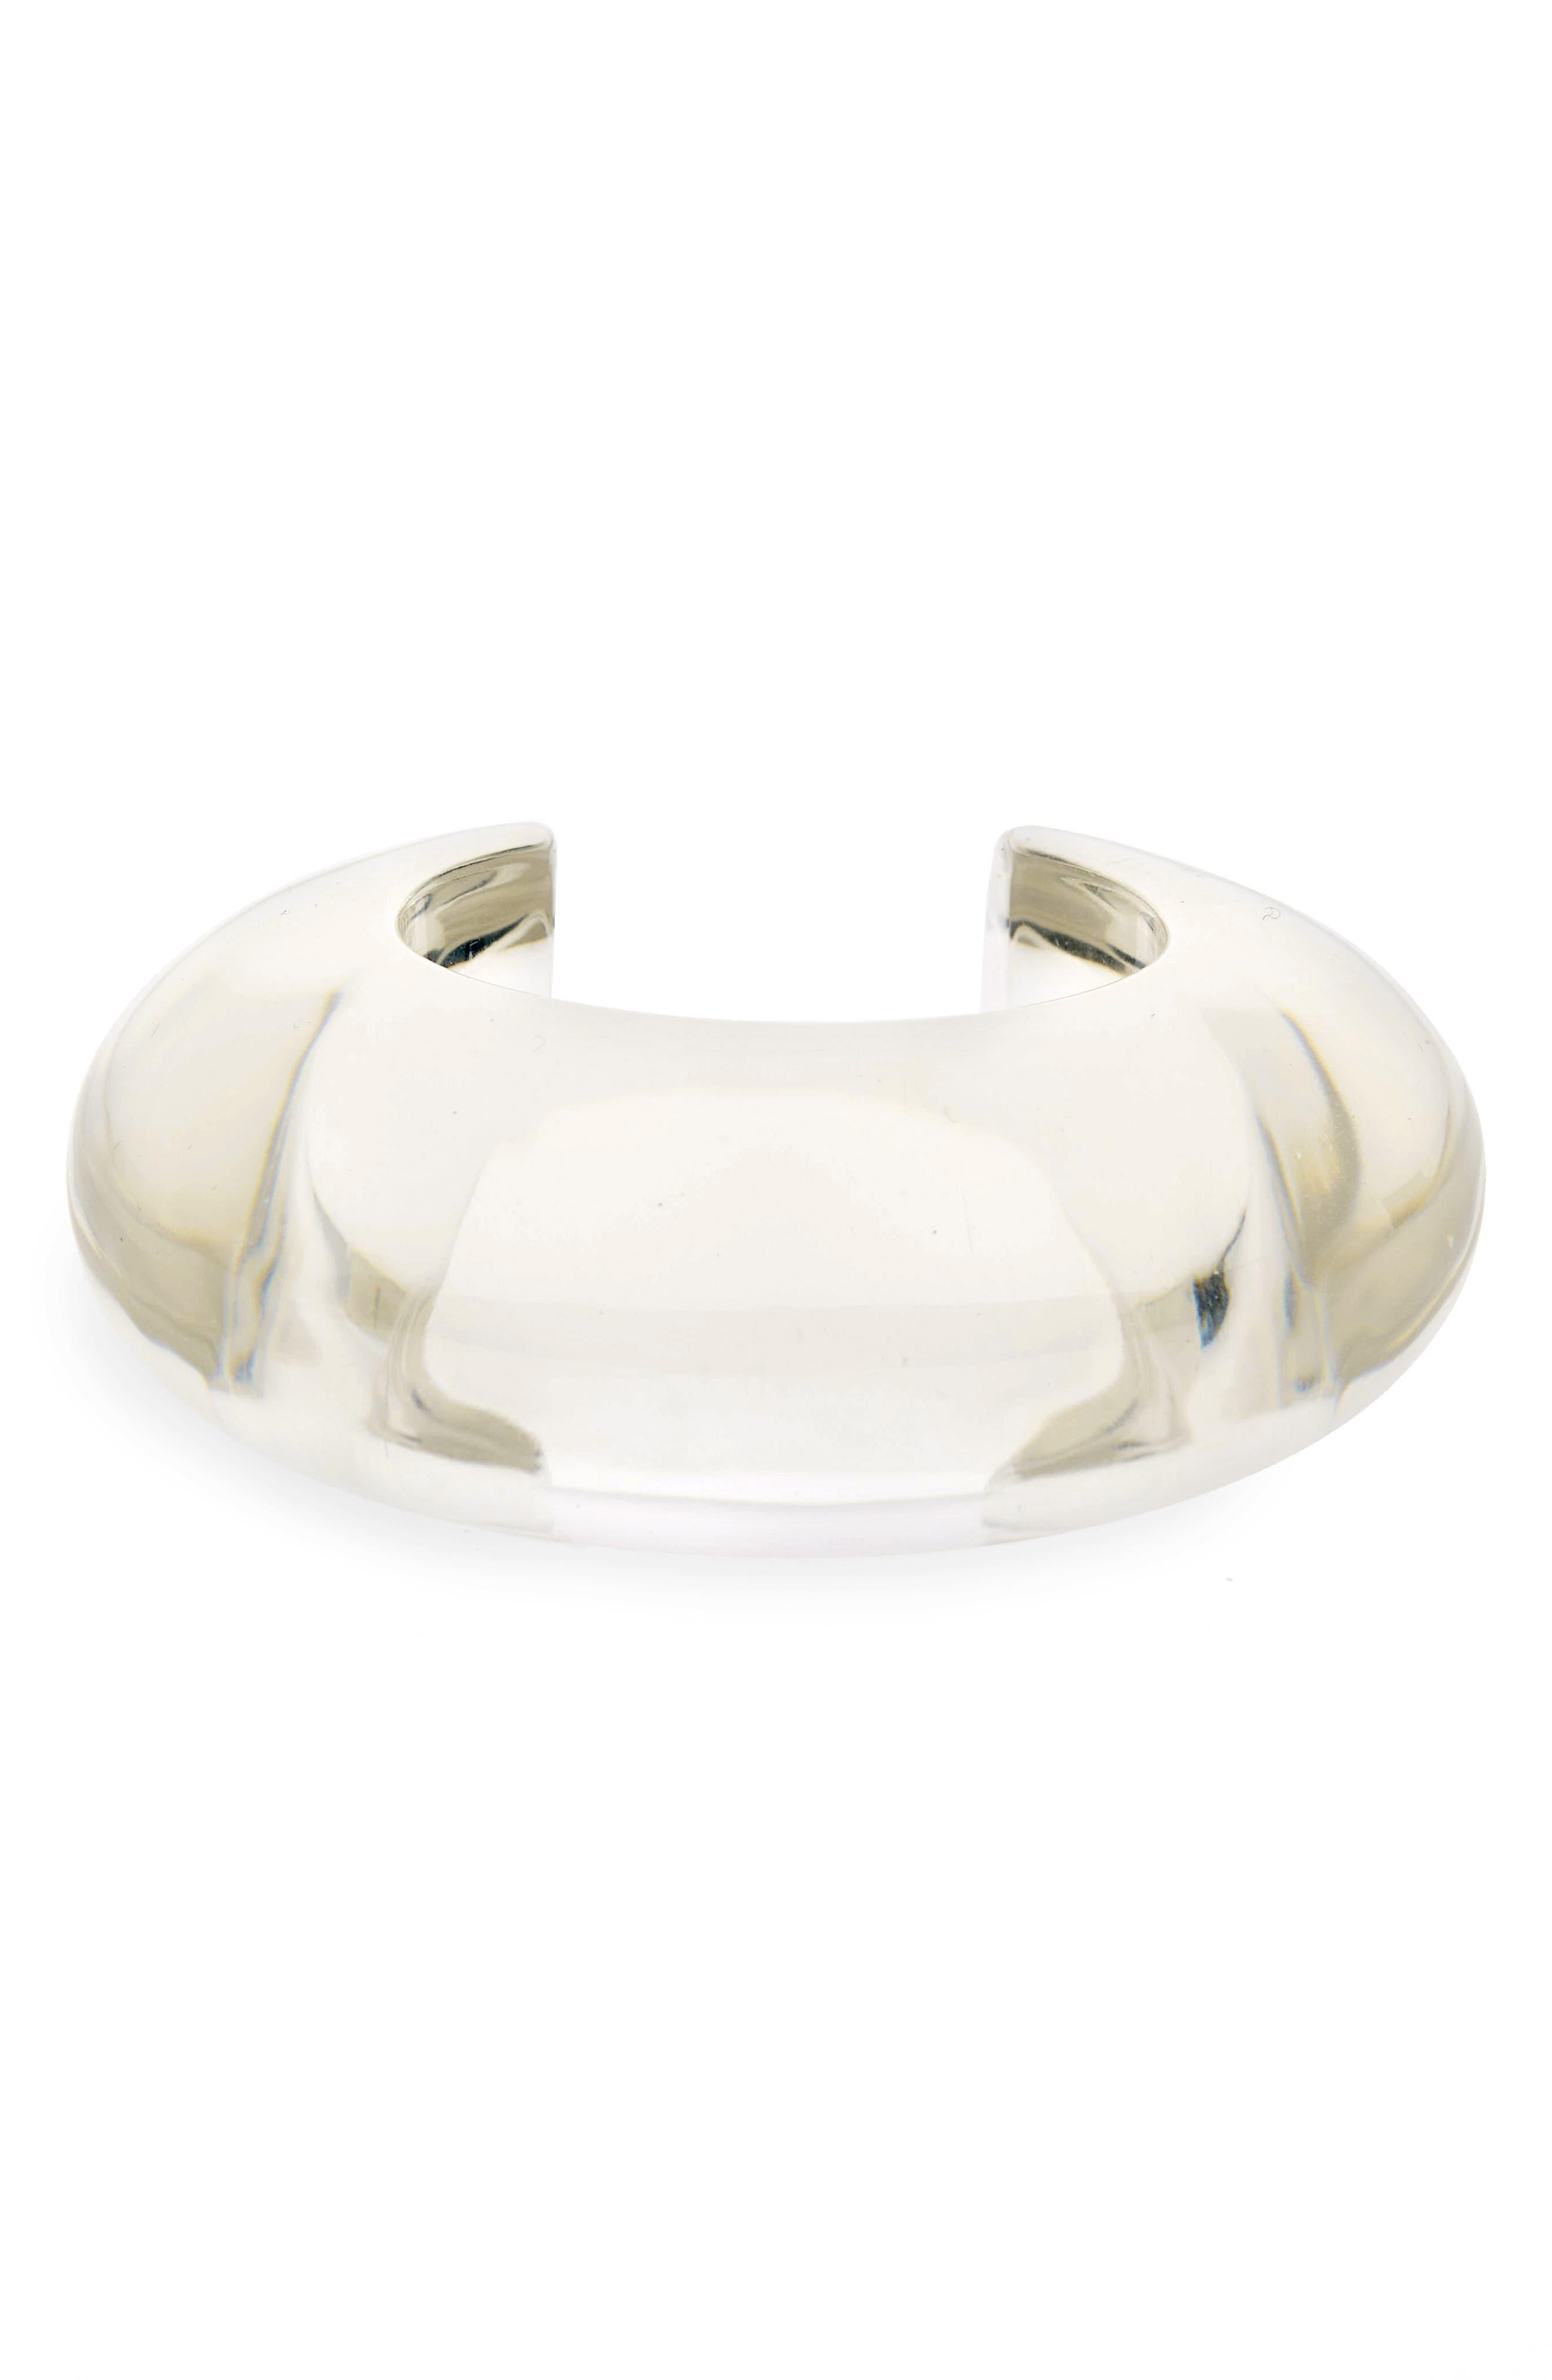 Arc Cuff Bracelet,                         Main,                         color,